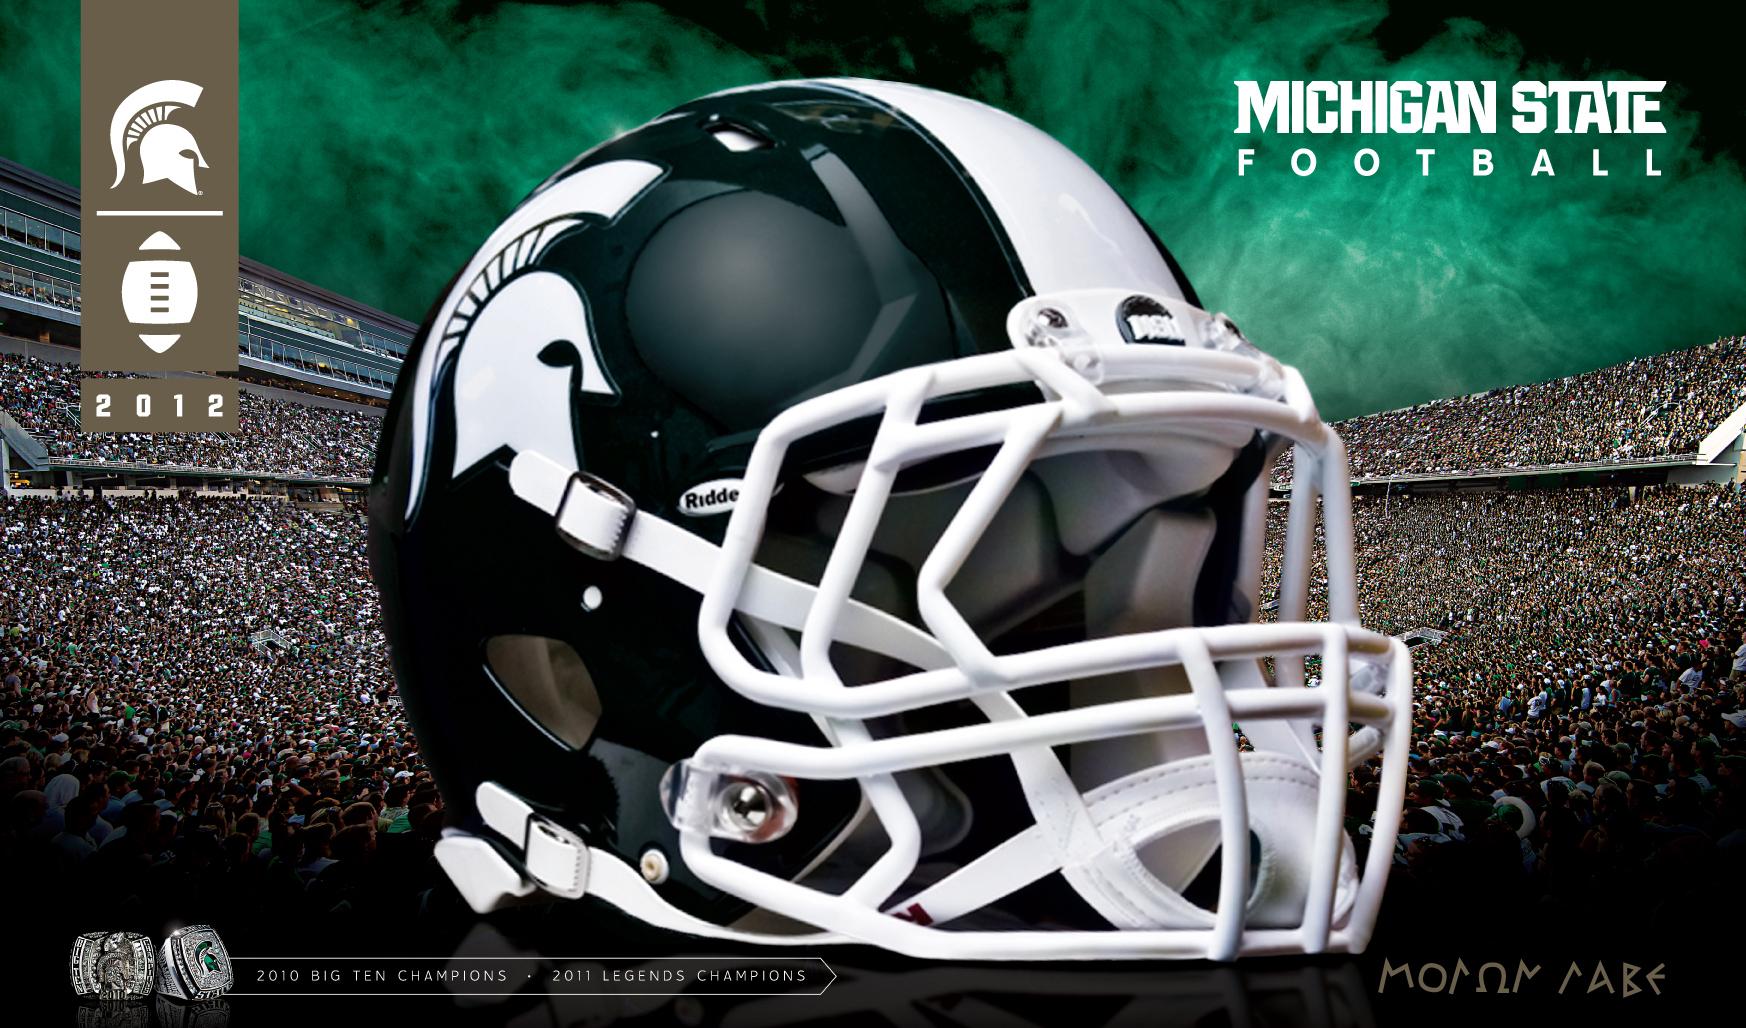 Michigan State Football utamainfo 1746x1028